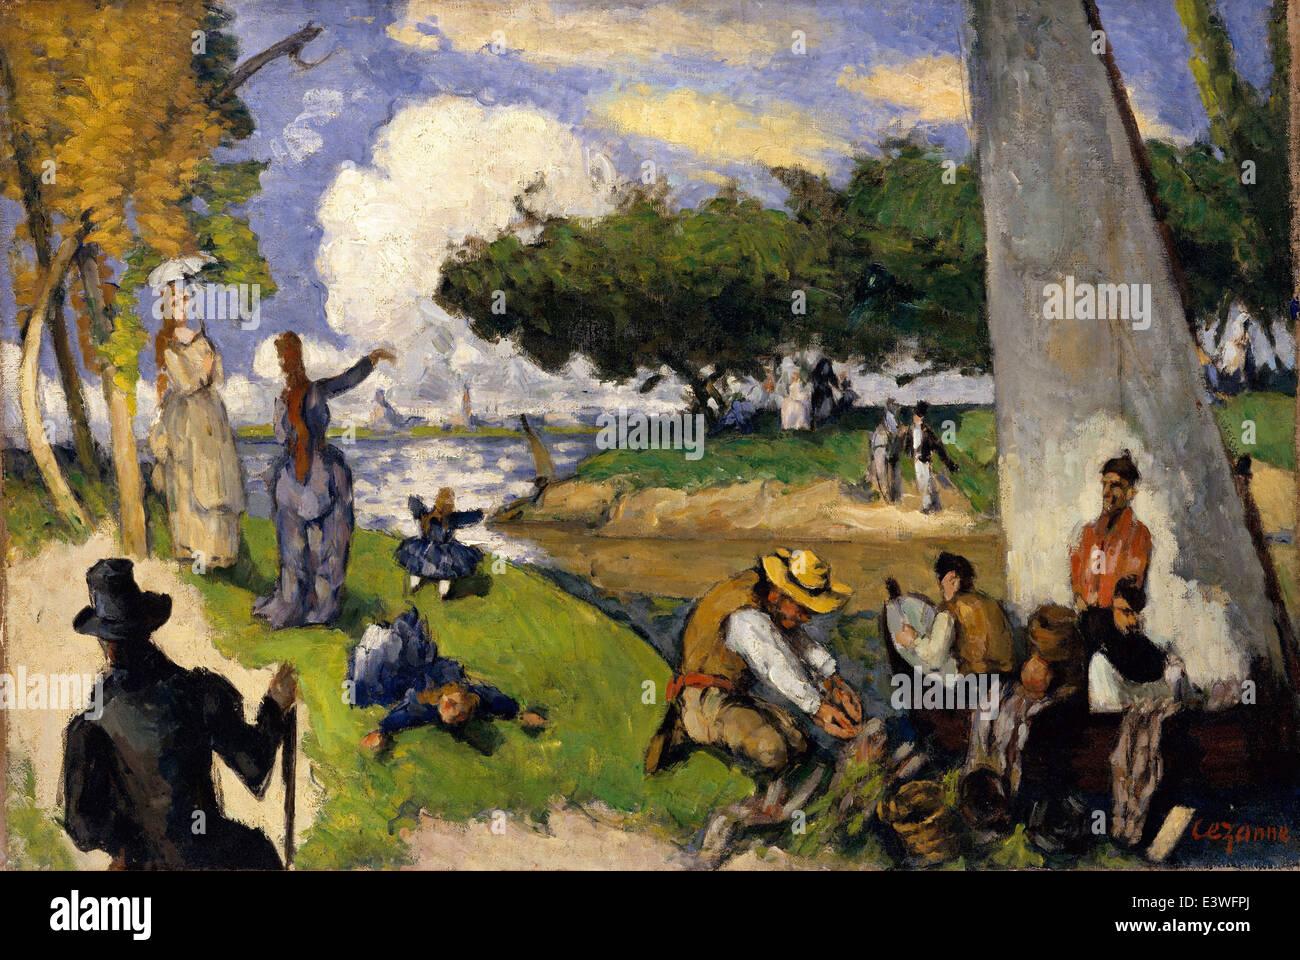 Paul Cézanne - Les pêcheurs (spectacle) - 1875 - A RENCONTRÉ Museum - New-York Photo Stock